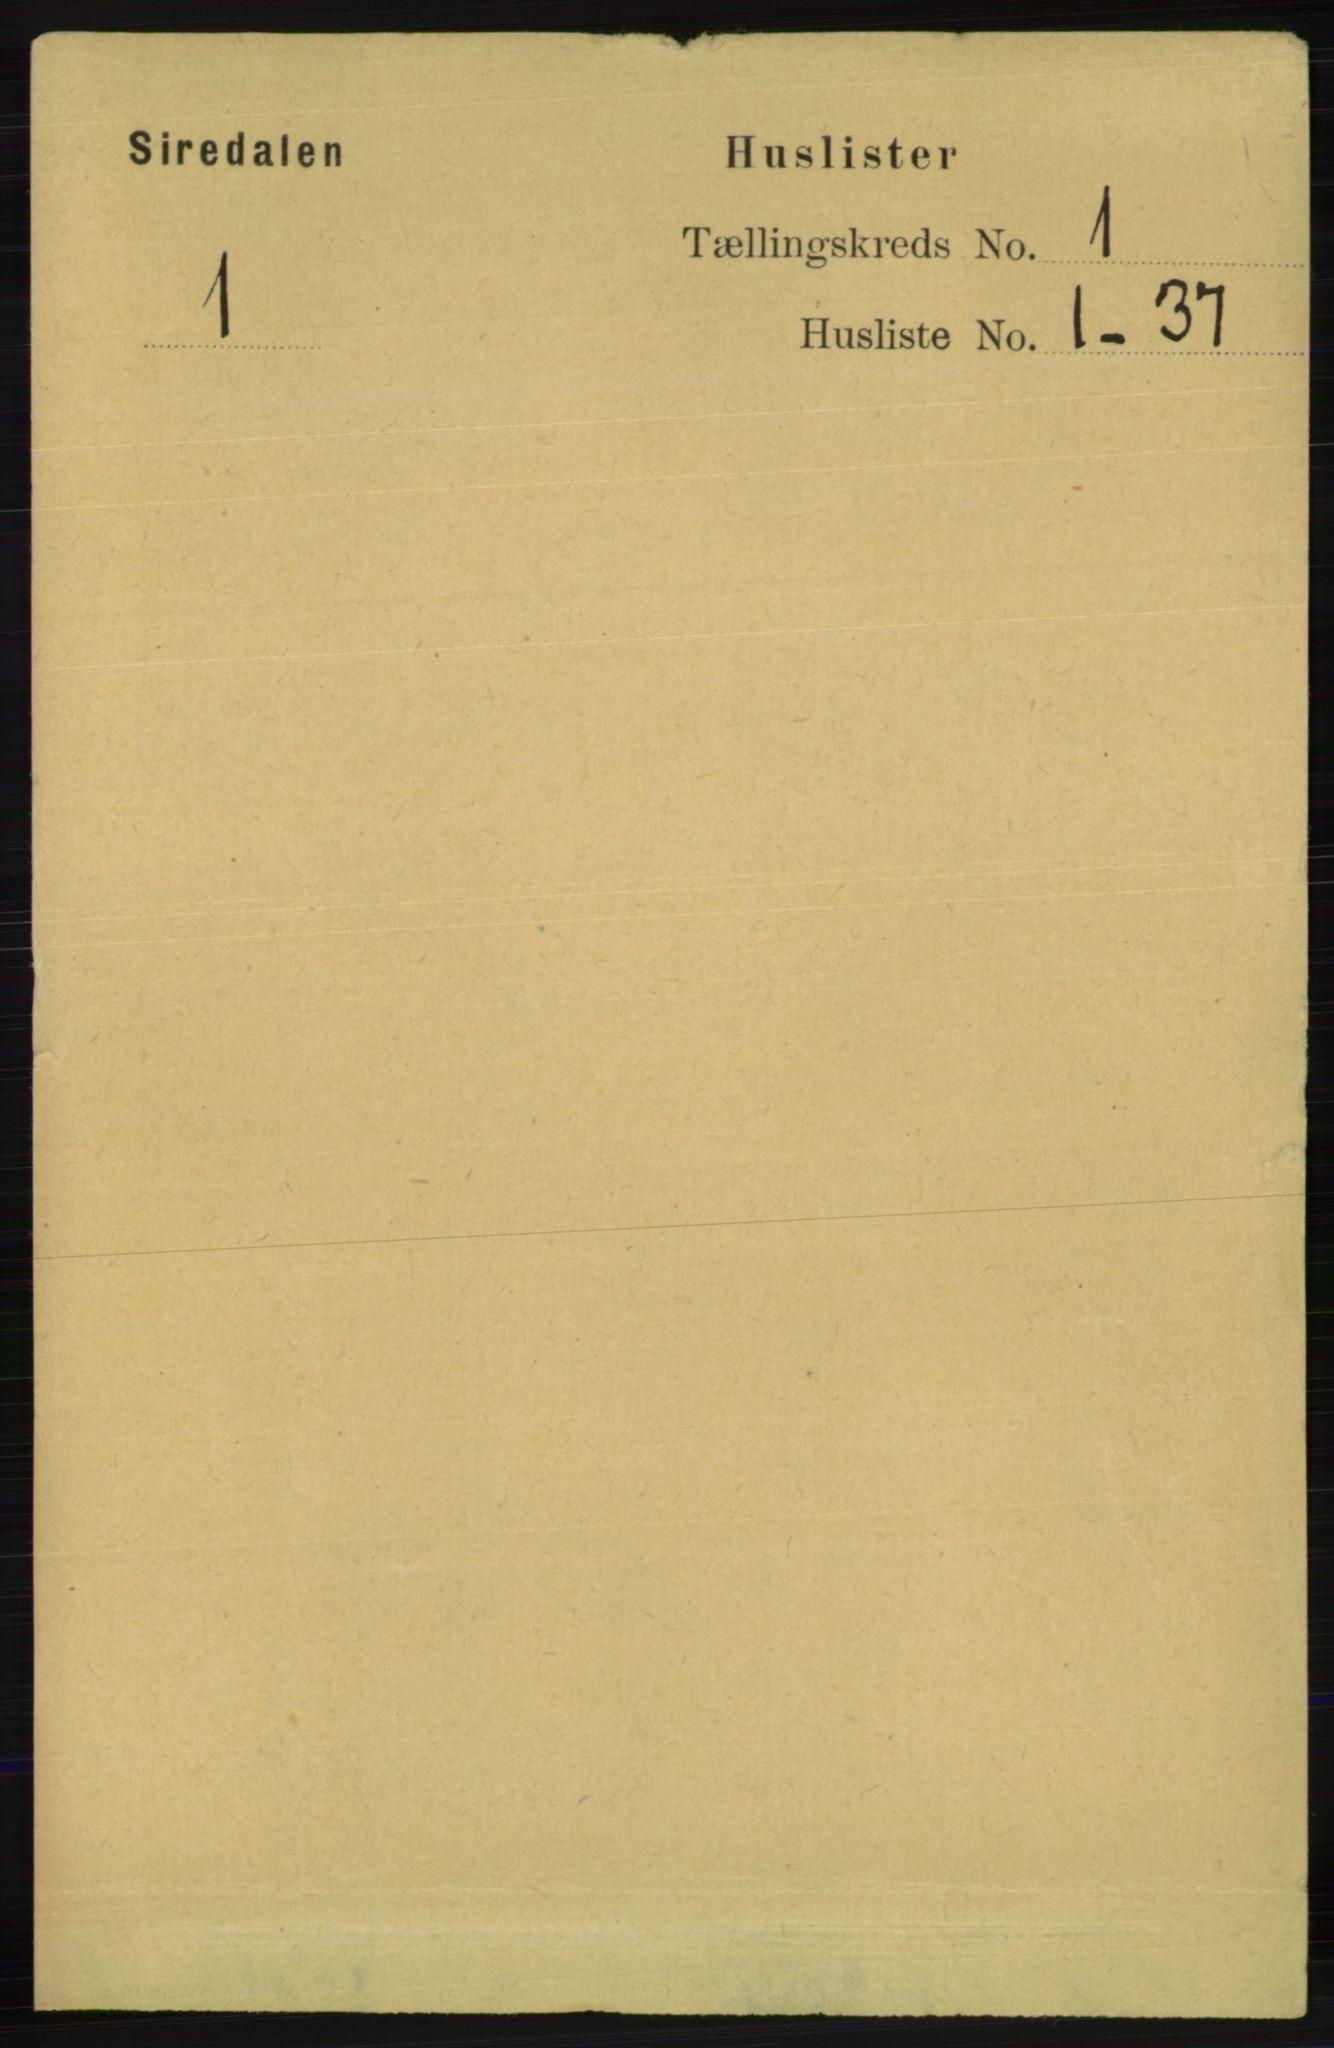 RA, Folketelling 1891 for 1046 Sirdal herred, 1891, s. 21